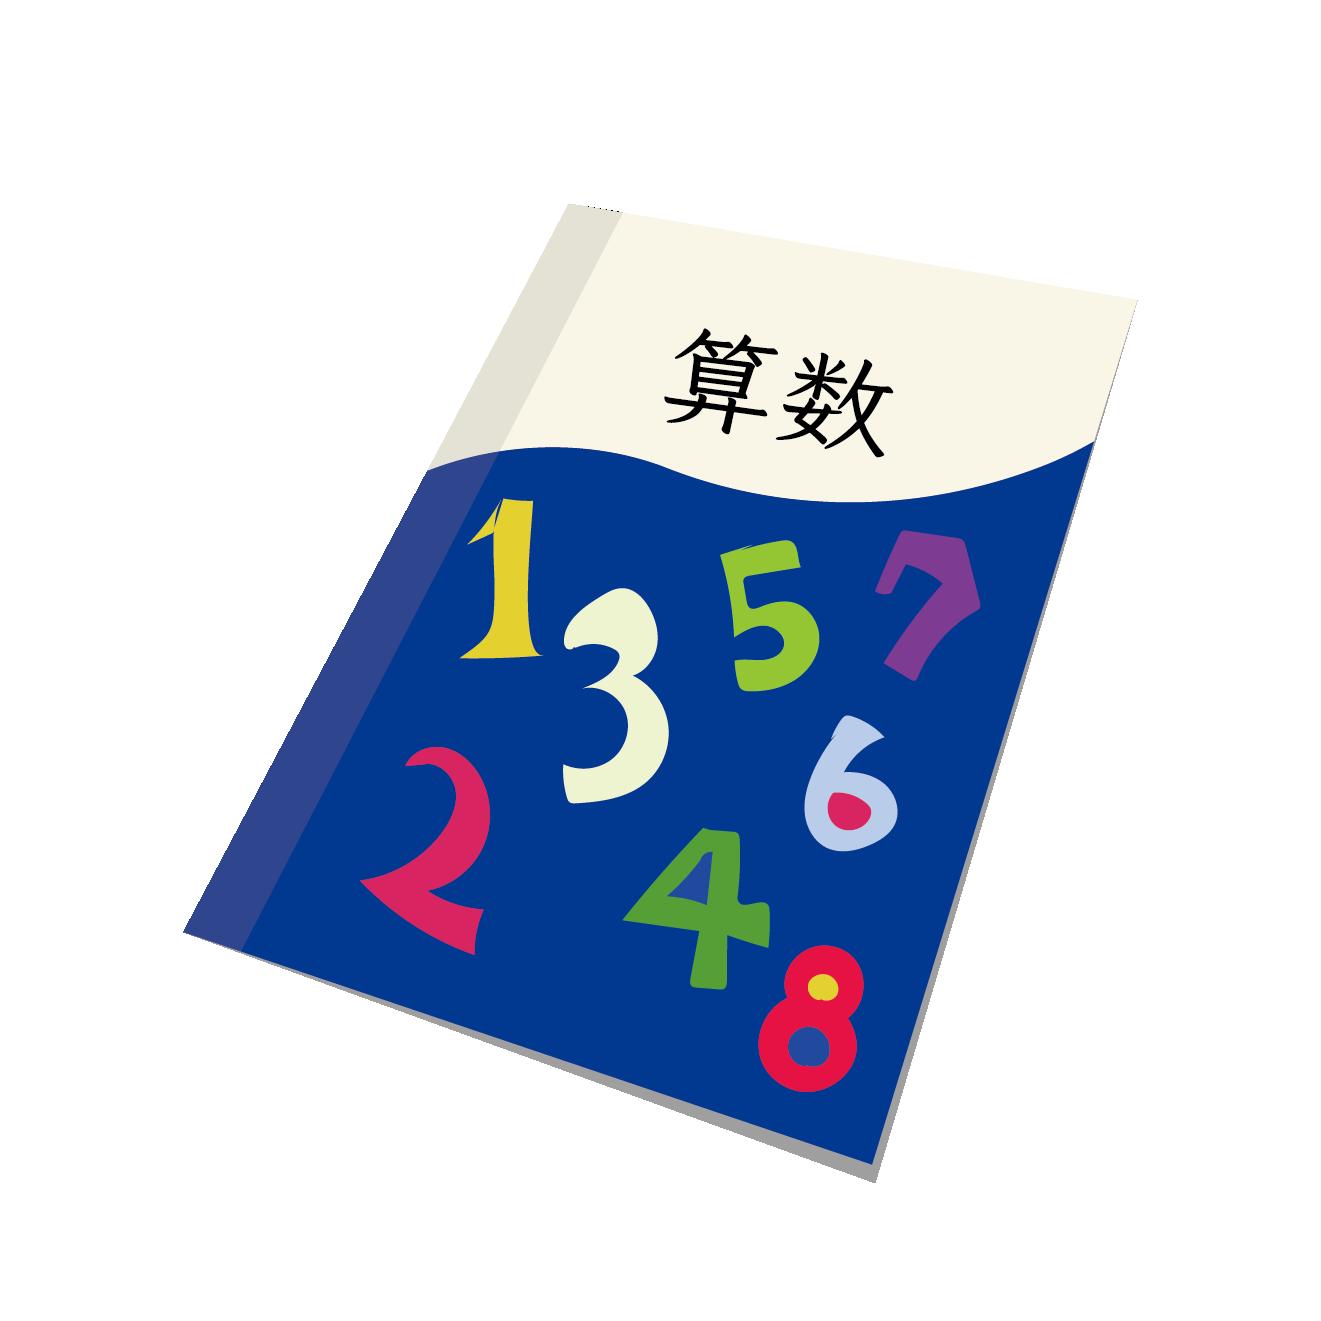 算数高学年用の教科書のイラスト 商用フリー無料のイラスト素材